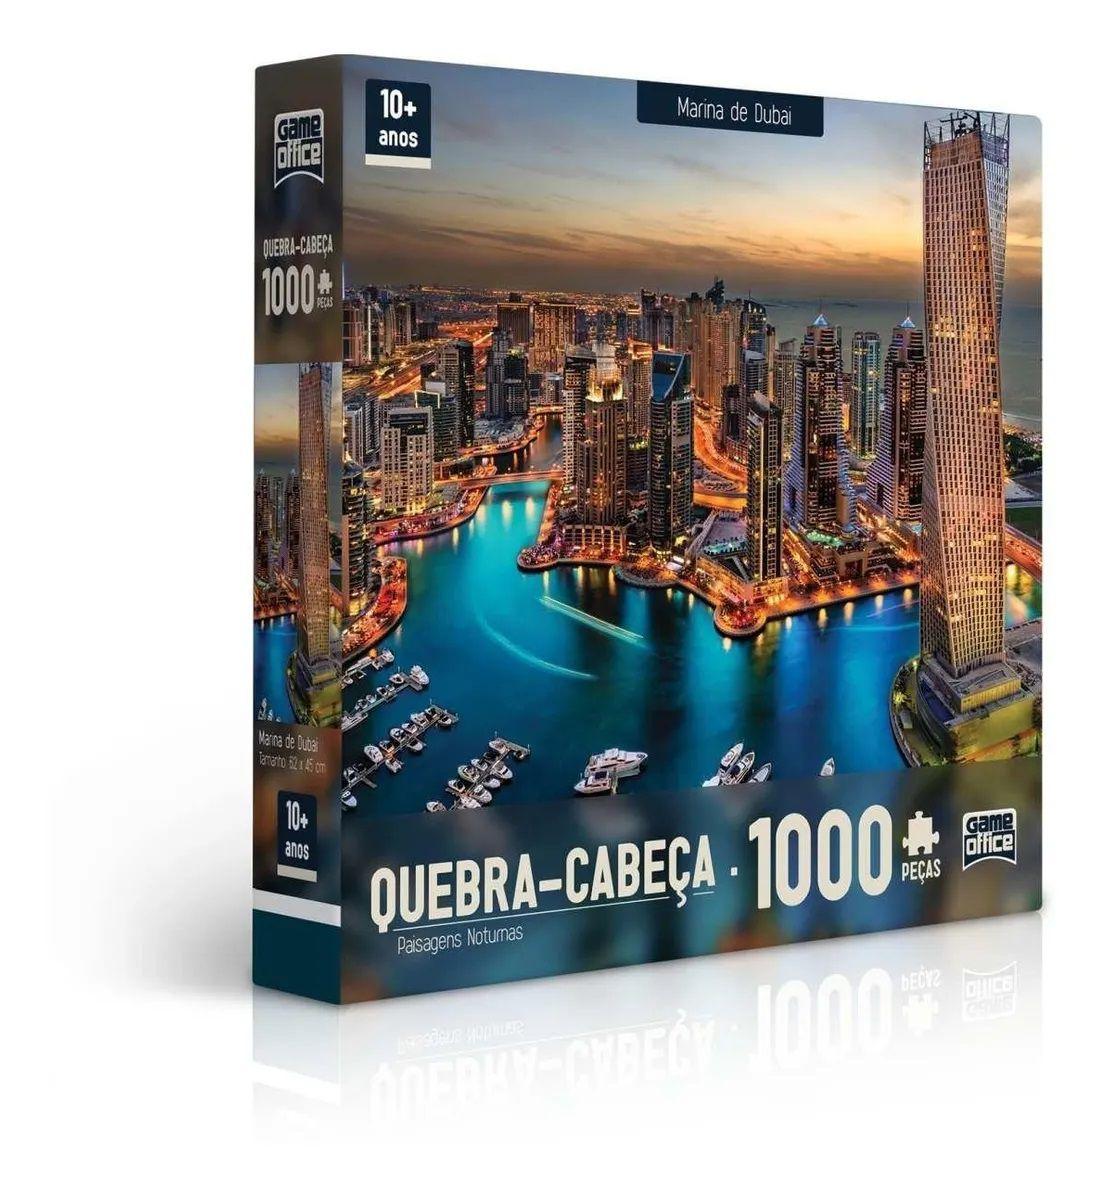 QUEBRA CABEÇA 1000 PEÇAS MARINA DE DUBAI 2308 TOYSTER